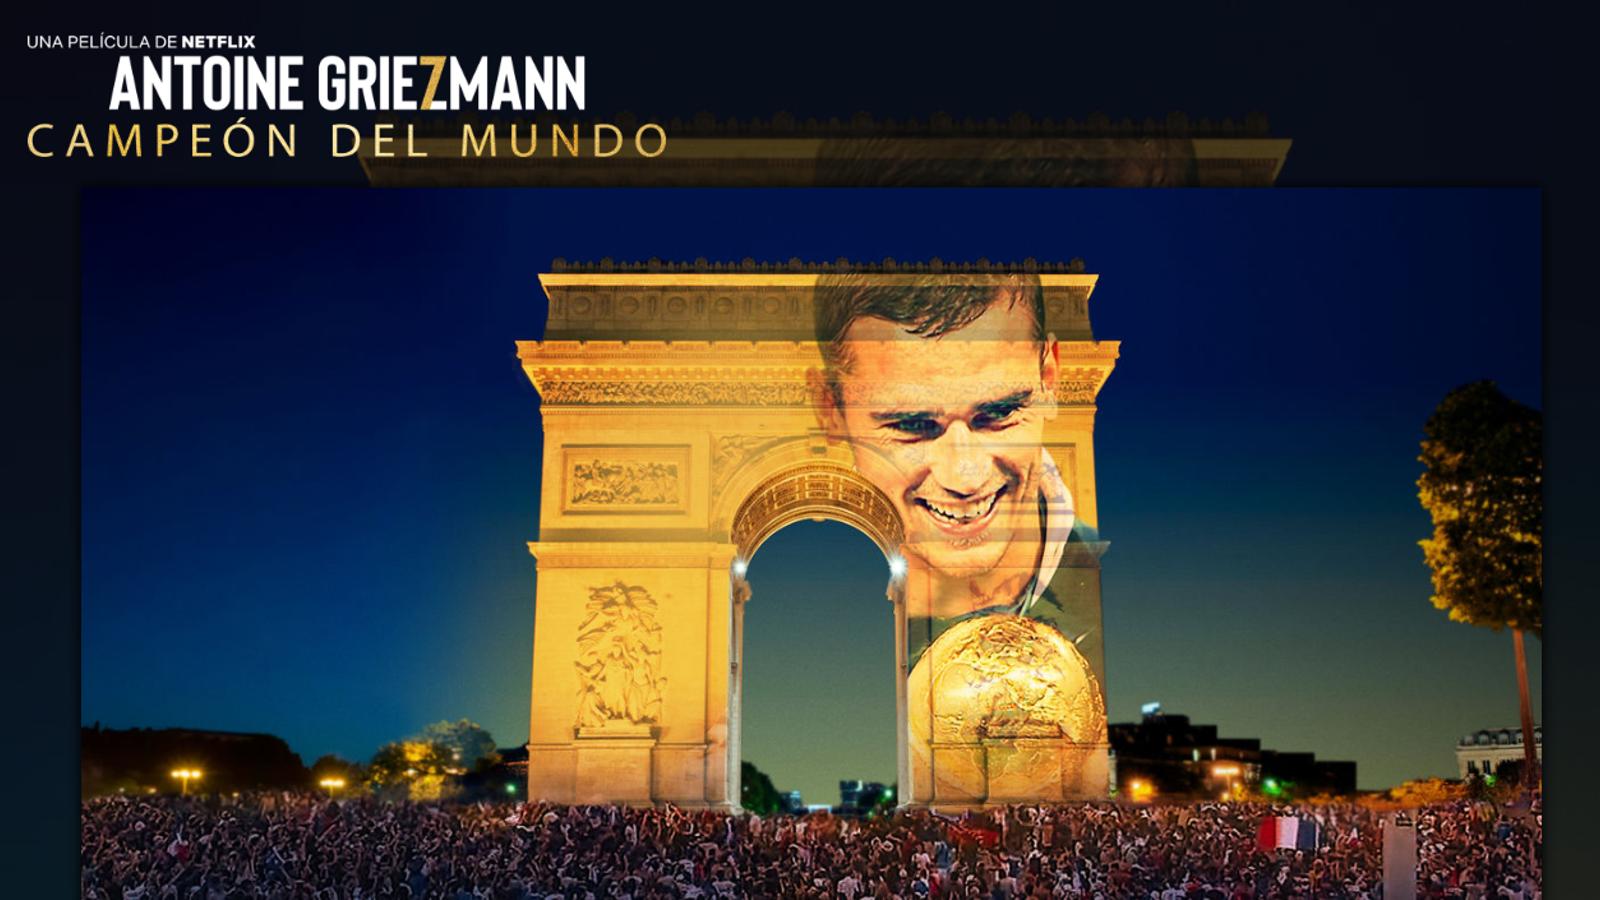 Griezmann estrena un nou documental després del polèmic 'La decisió'